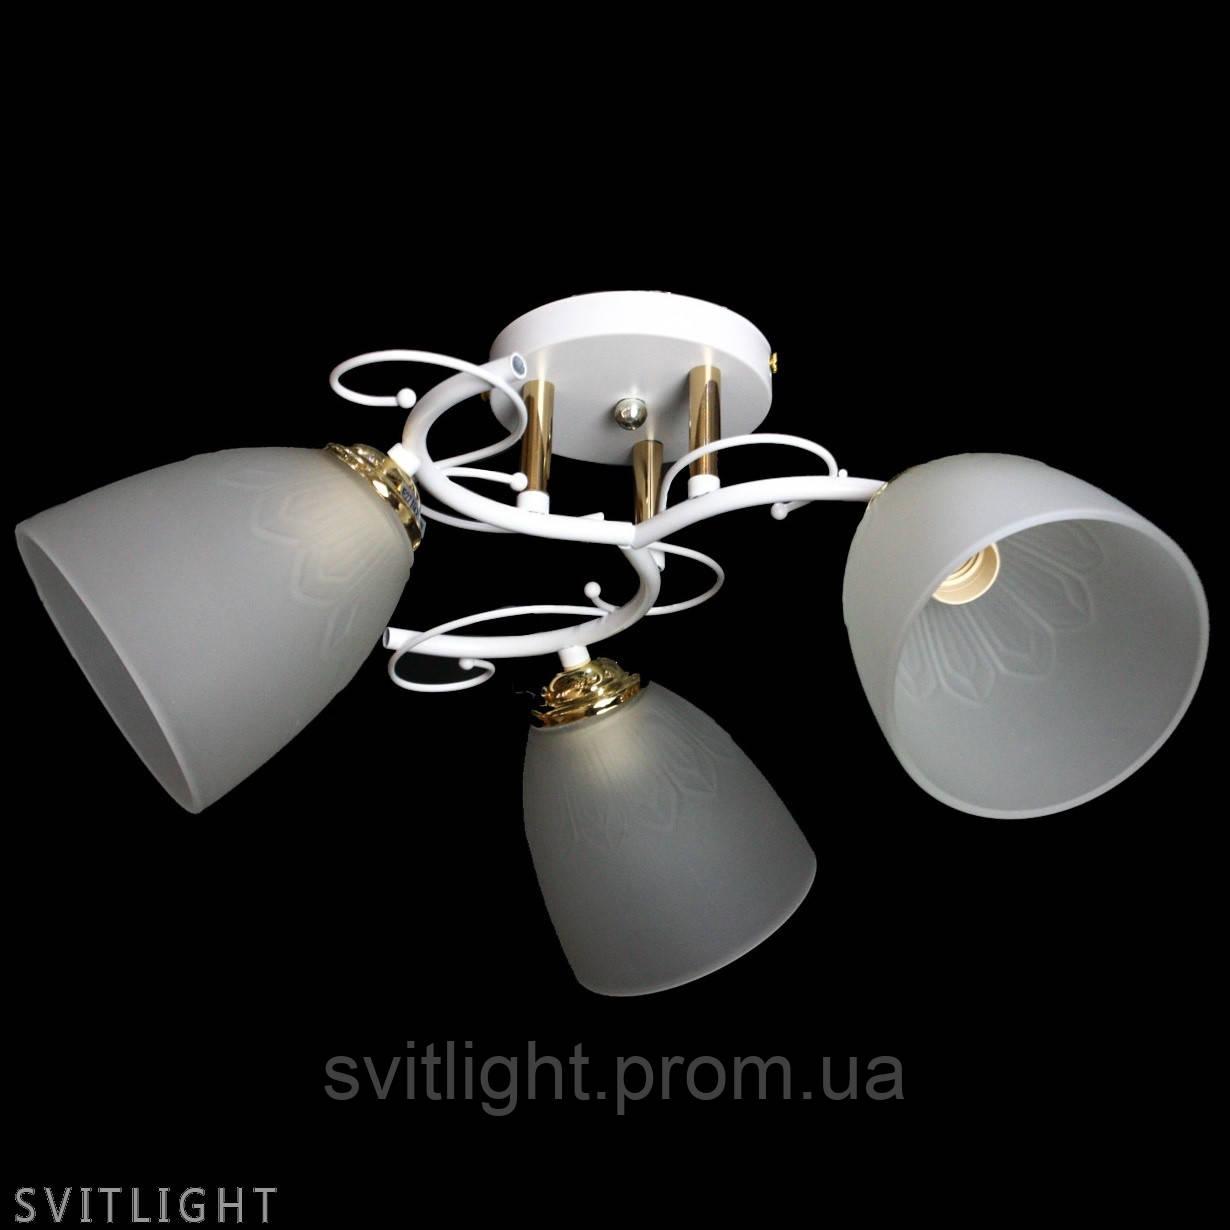 Люстра на 3 плафона sz-7501/3 wh Svitlight